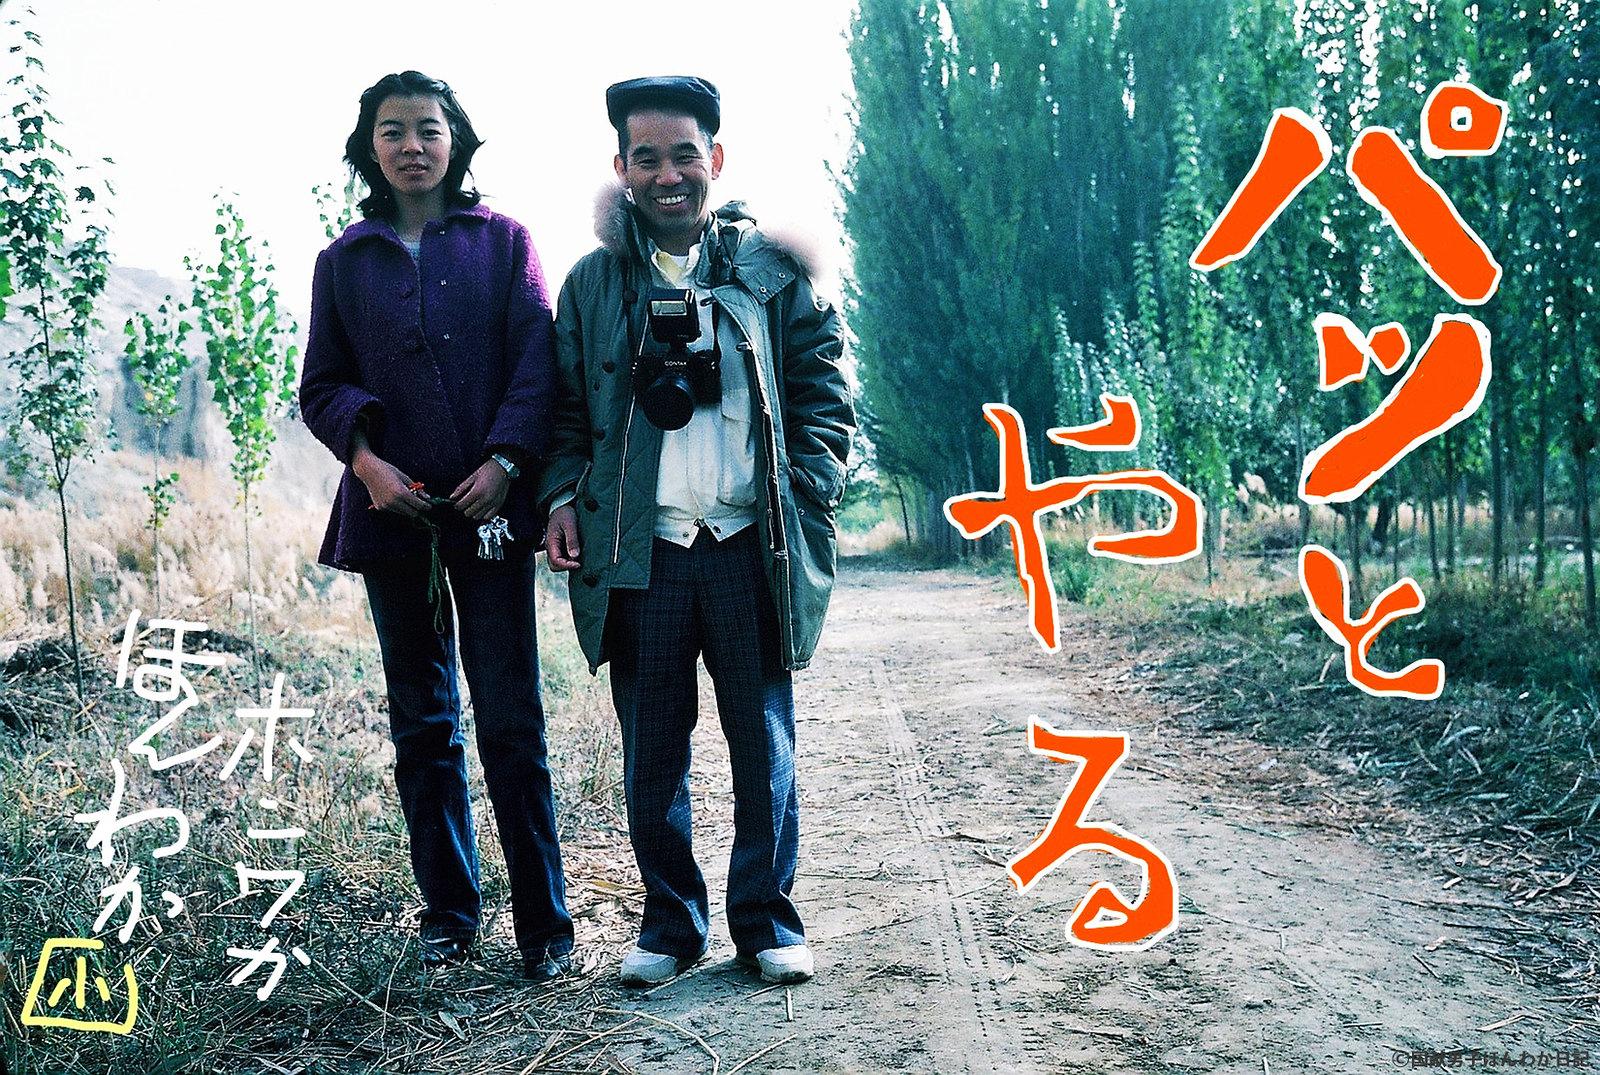 小僧楽書:キジル千仏洞の石窟案内人と(撮影:堀尾寶氏)